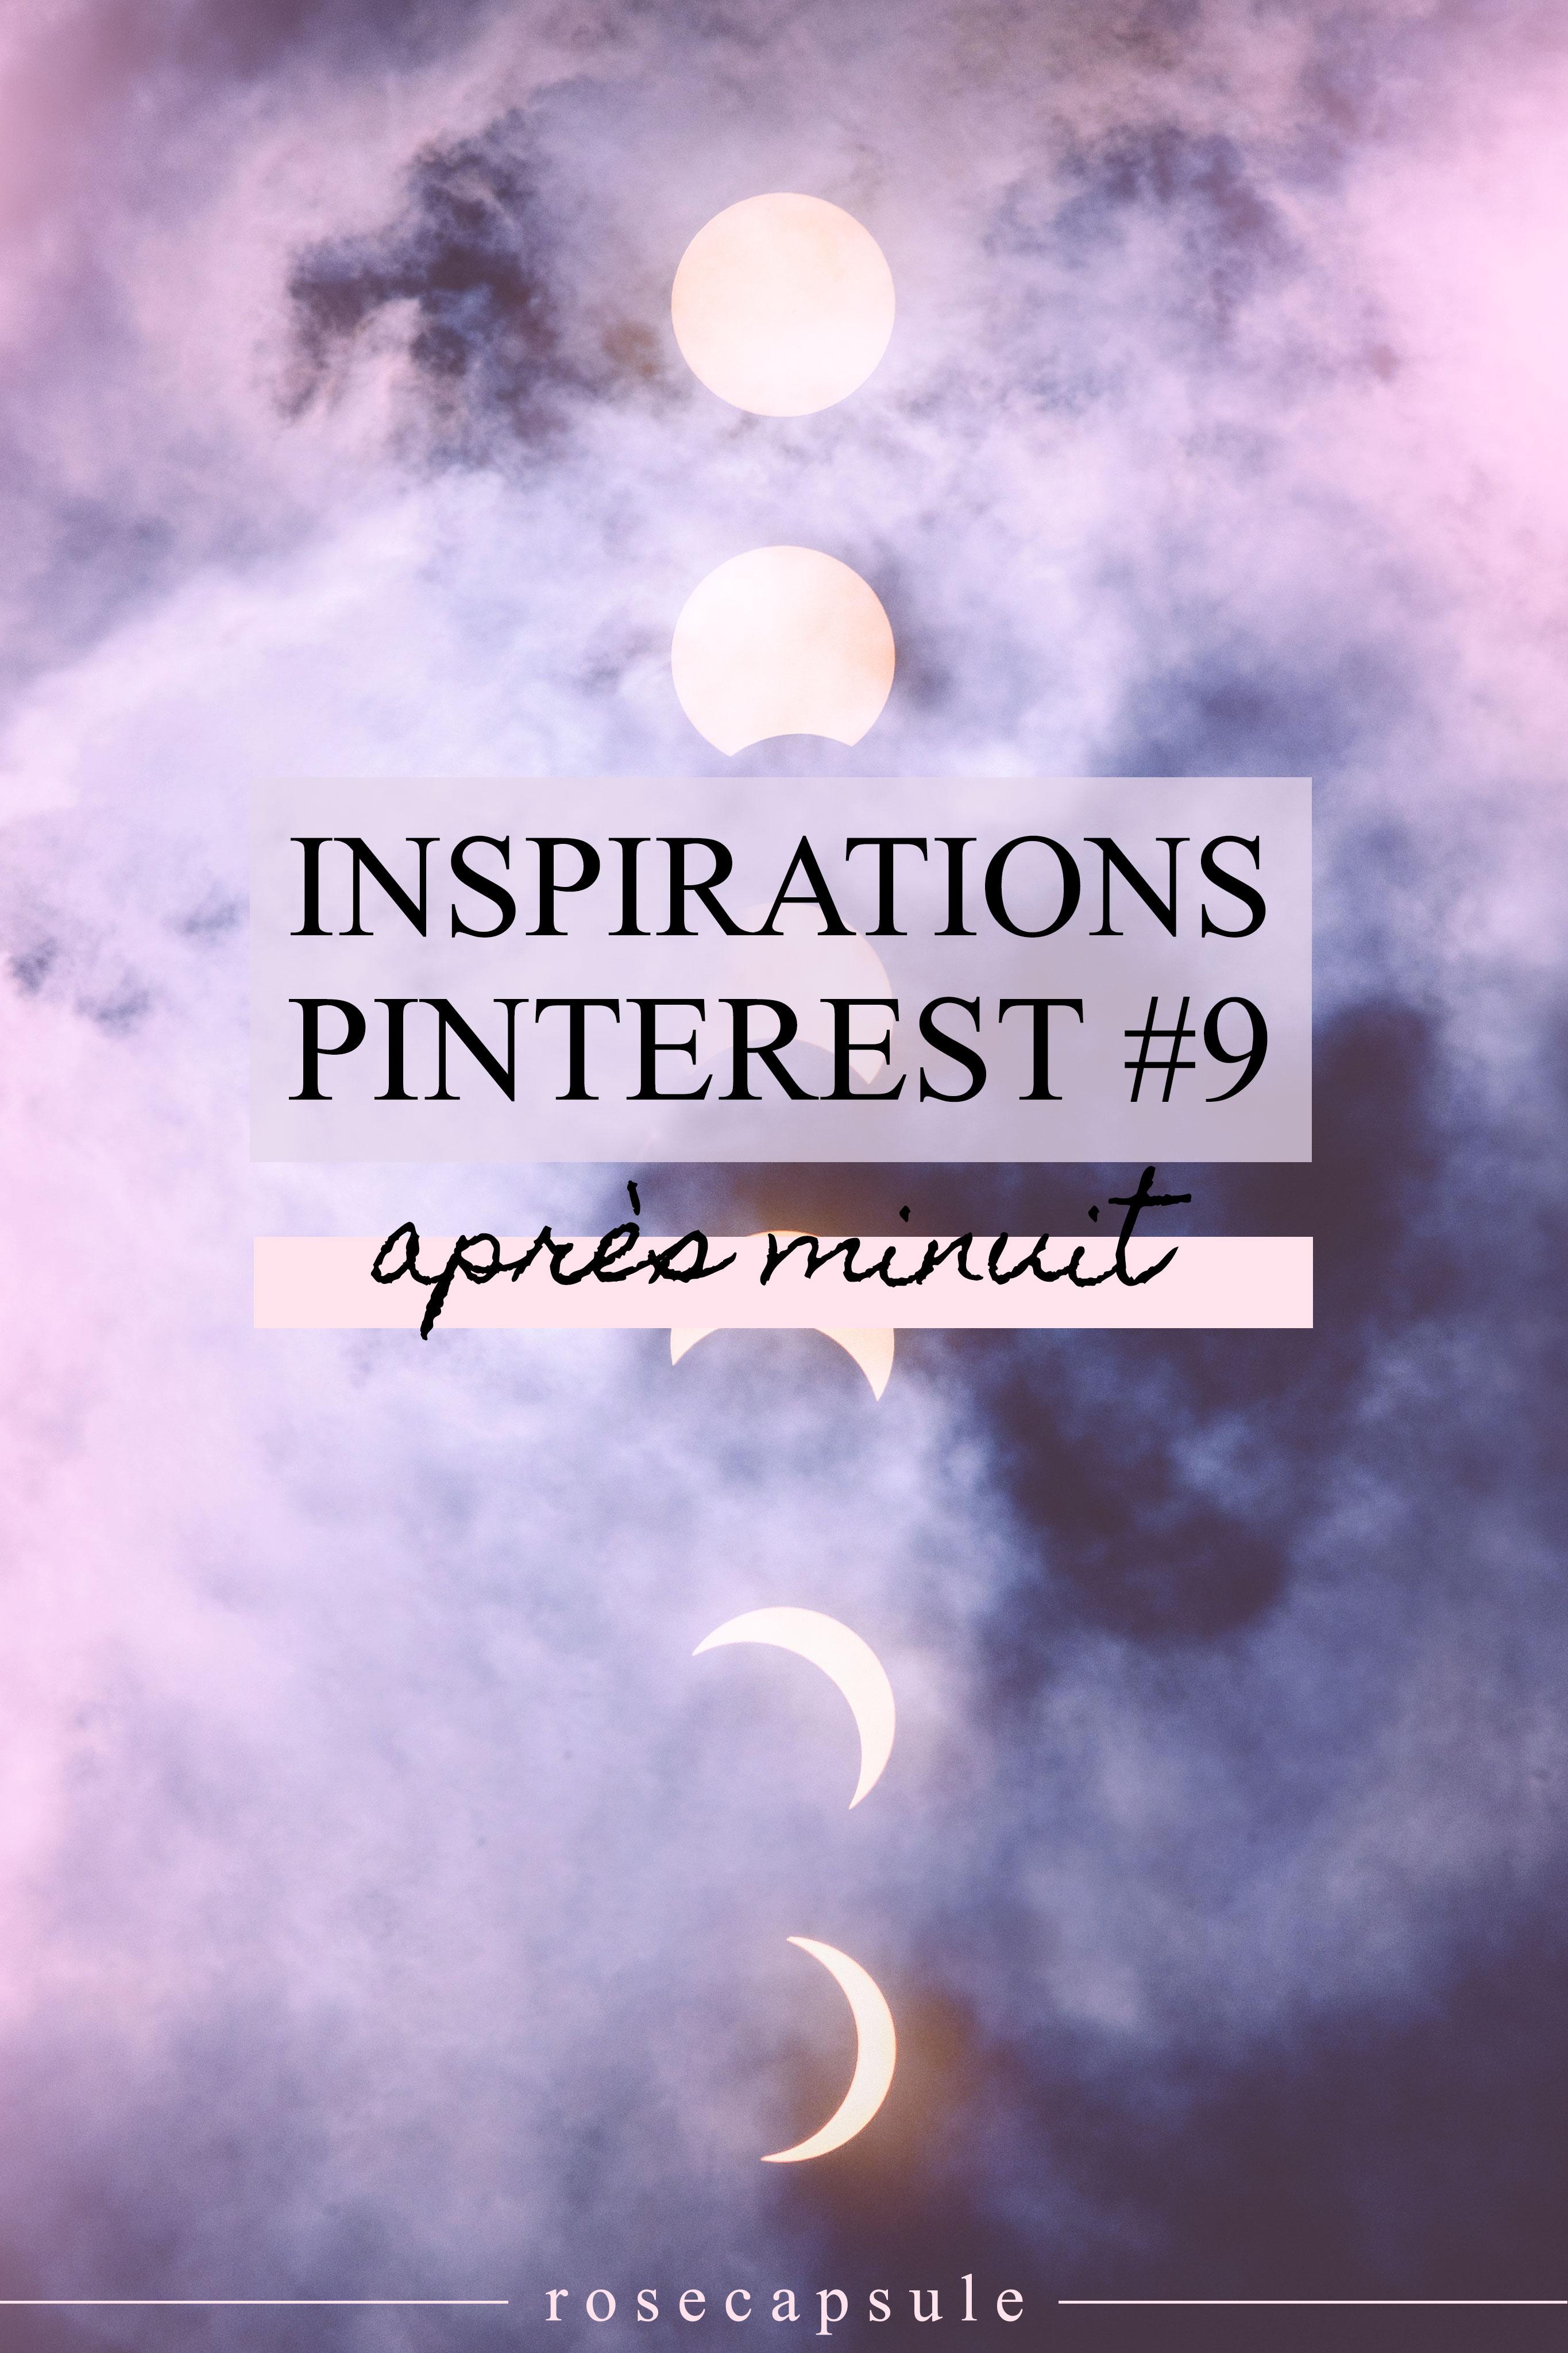 Inspirations Pinterest 9 : Après minuit #moodboard #création #fête